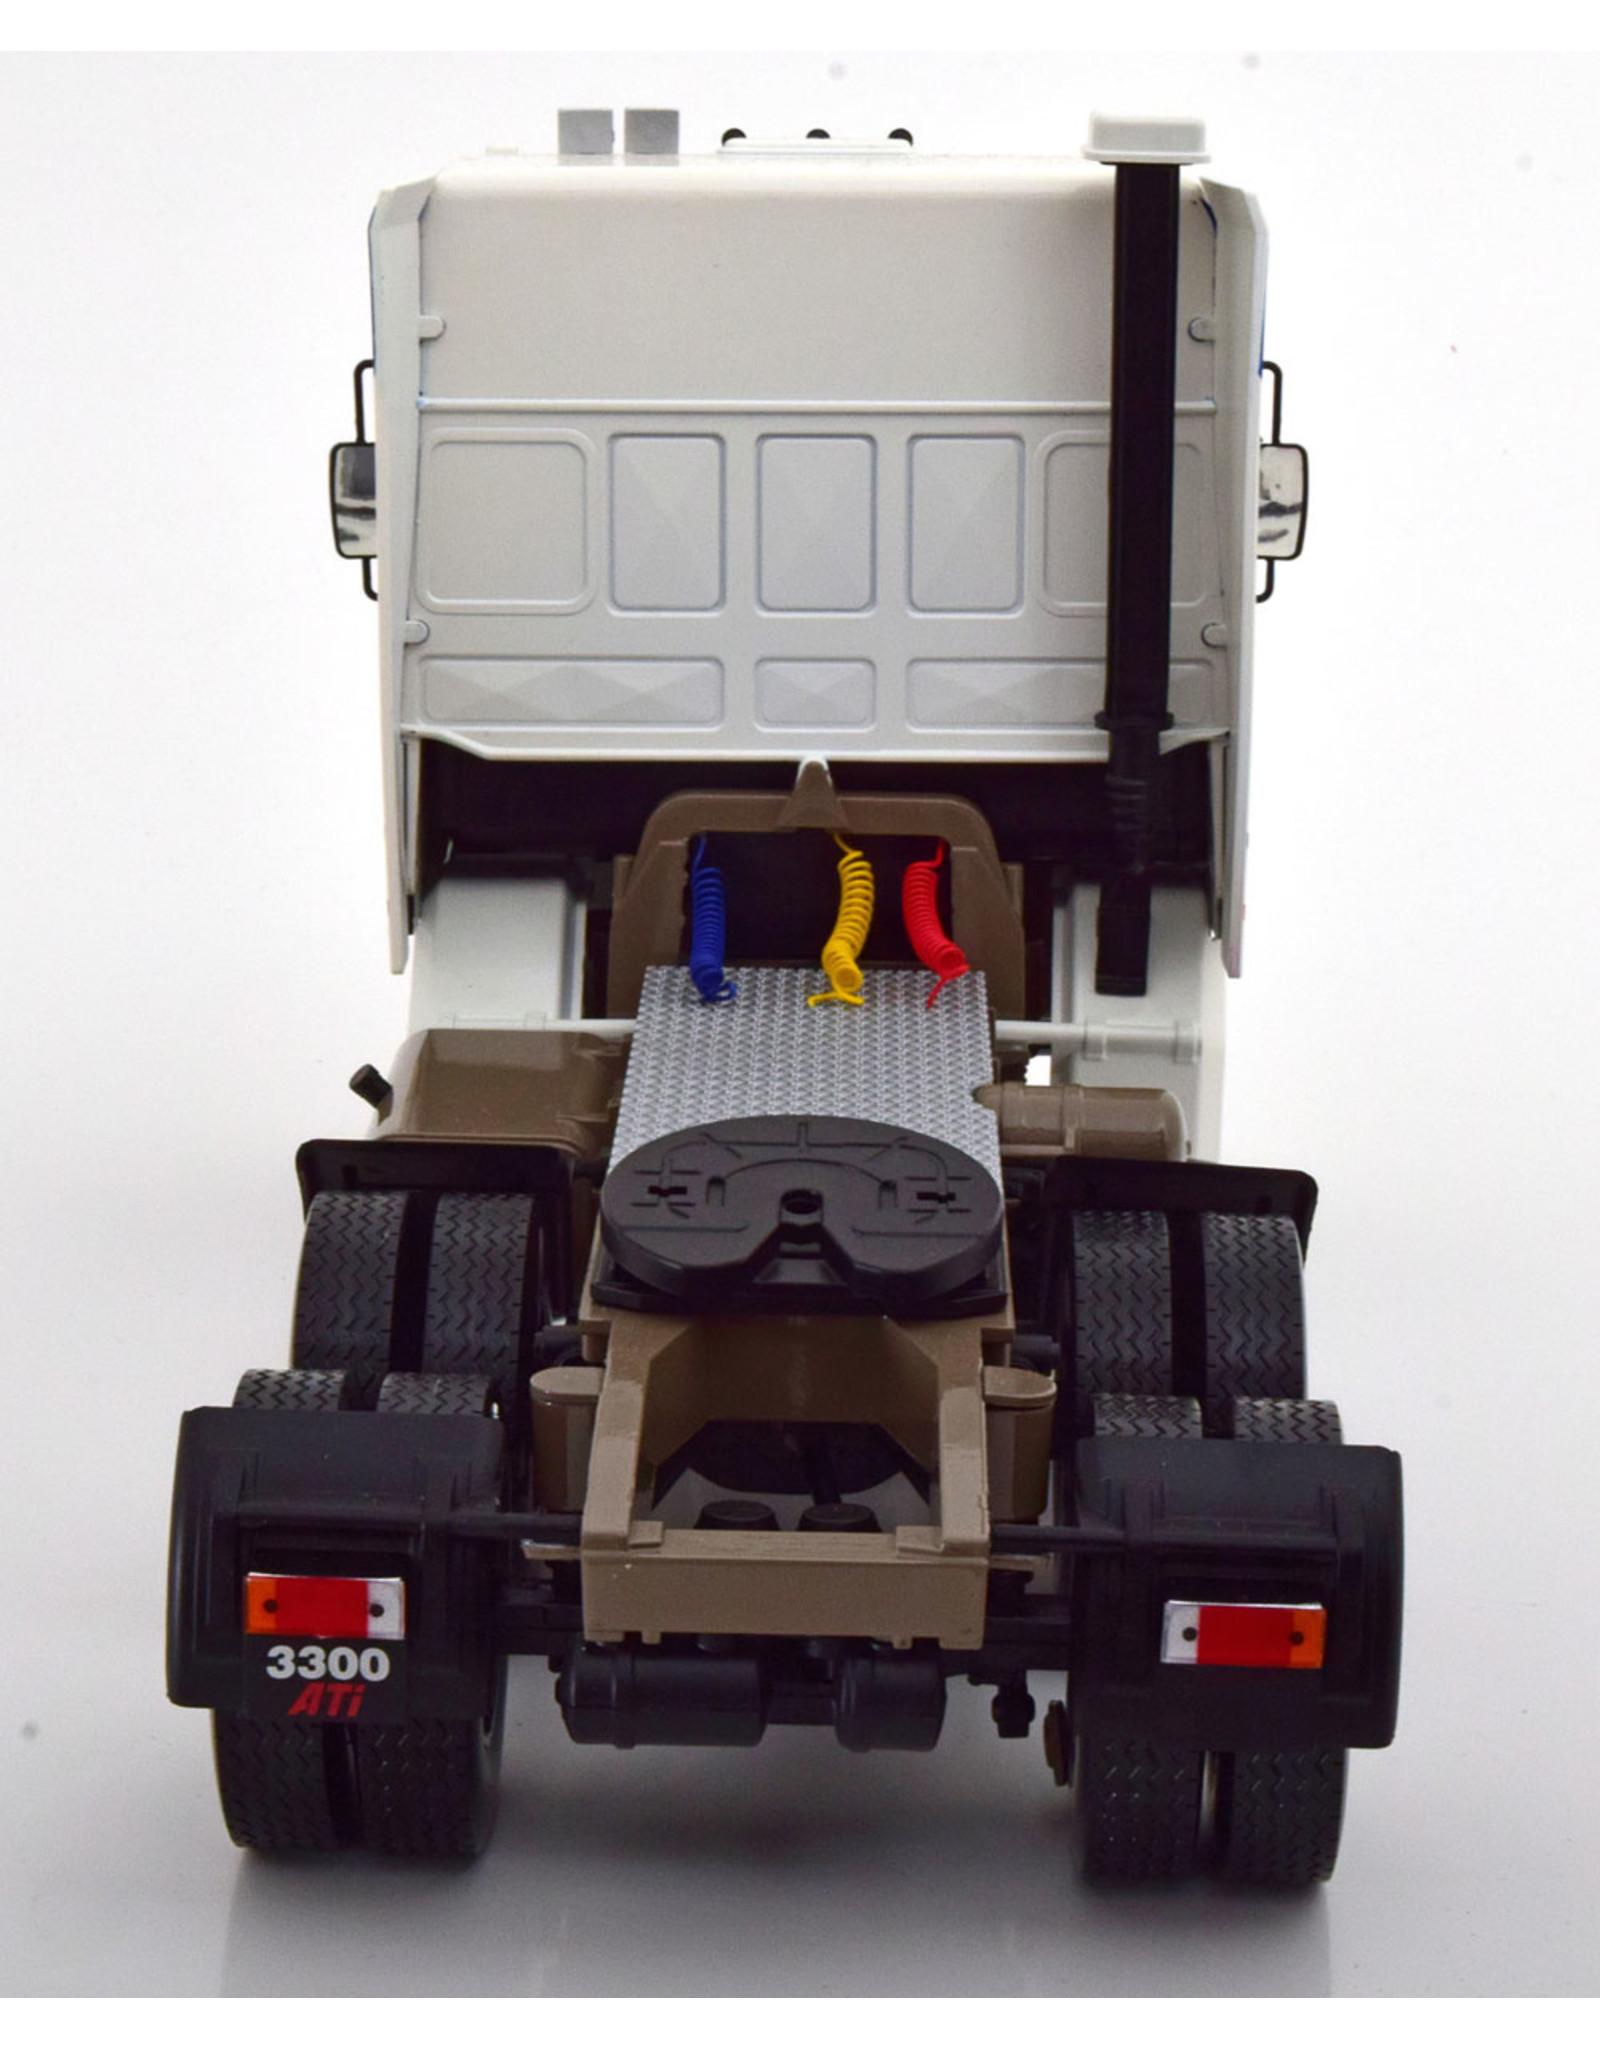 DAF DAF 3300 Space Cab - 1:18 - Road Kings